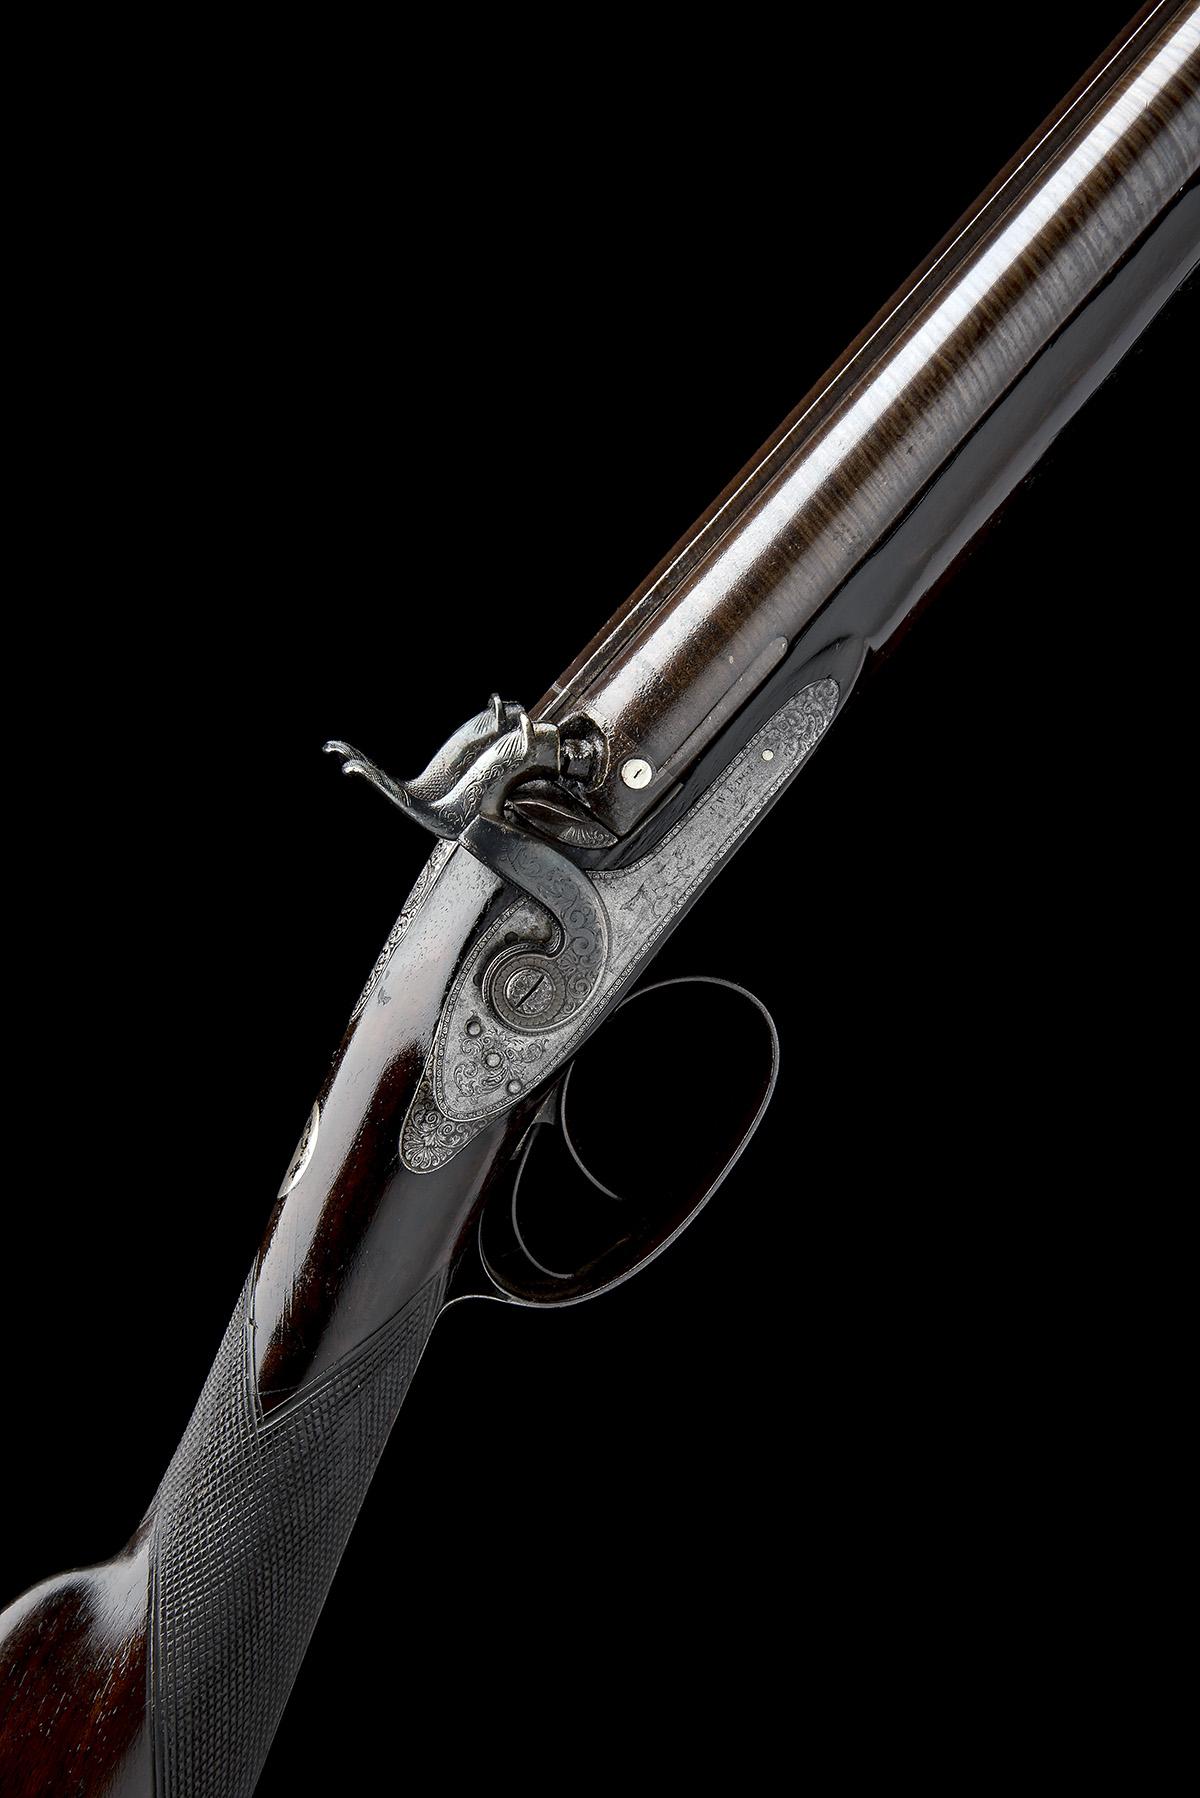 J.W. EDGE, MANCHESTER A 14-BORE PERCUSSION DOUBLE-BARRELLED SPORTING-GUN, serial no. 1350, circa